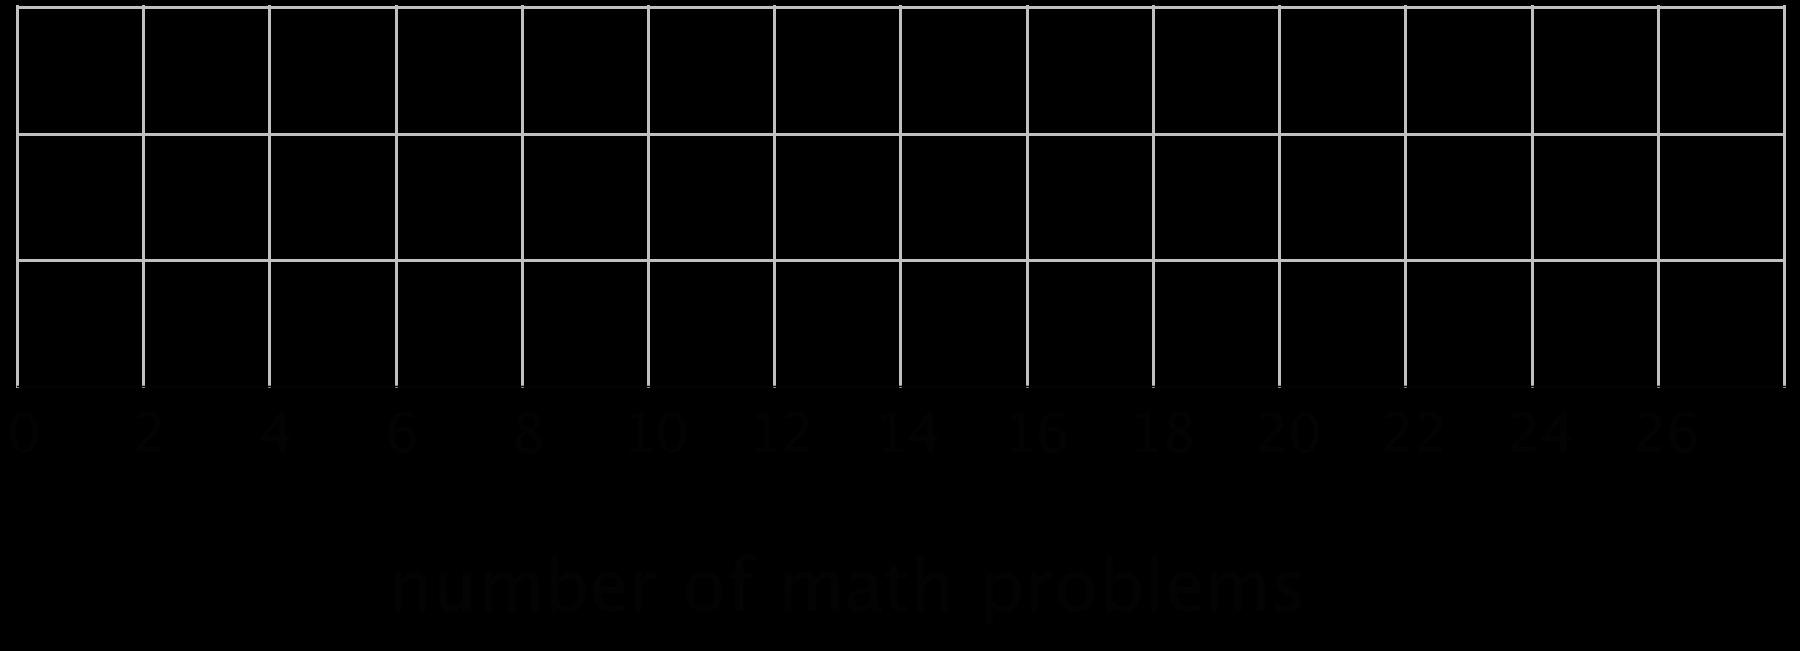 Missing image 6.8.E1.Image.03b.blank